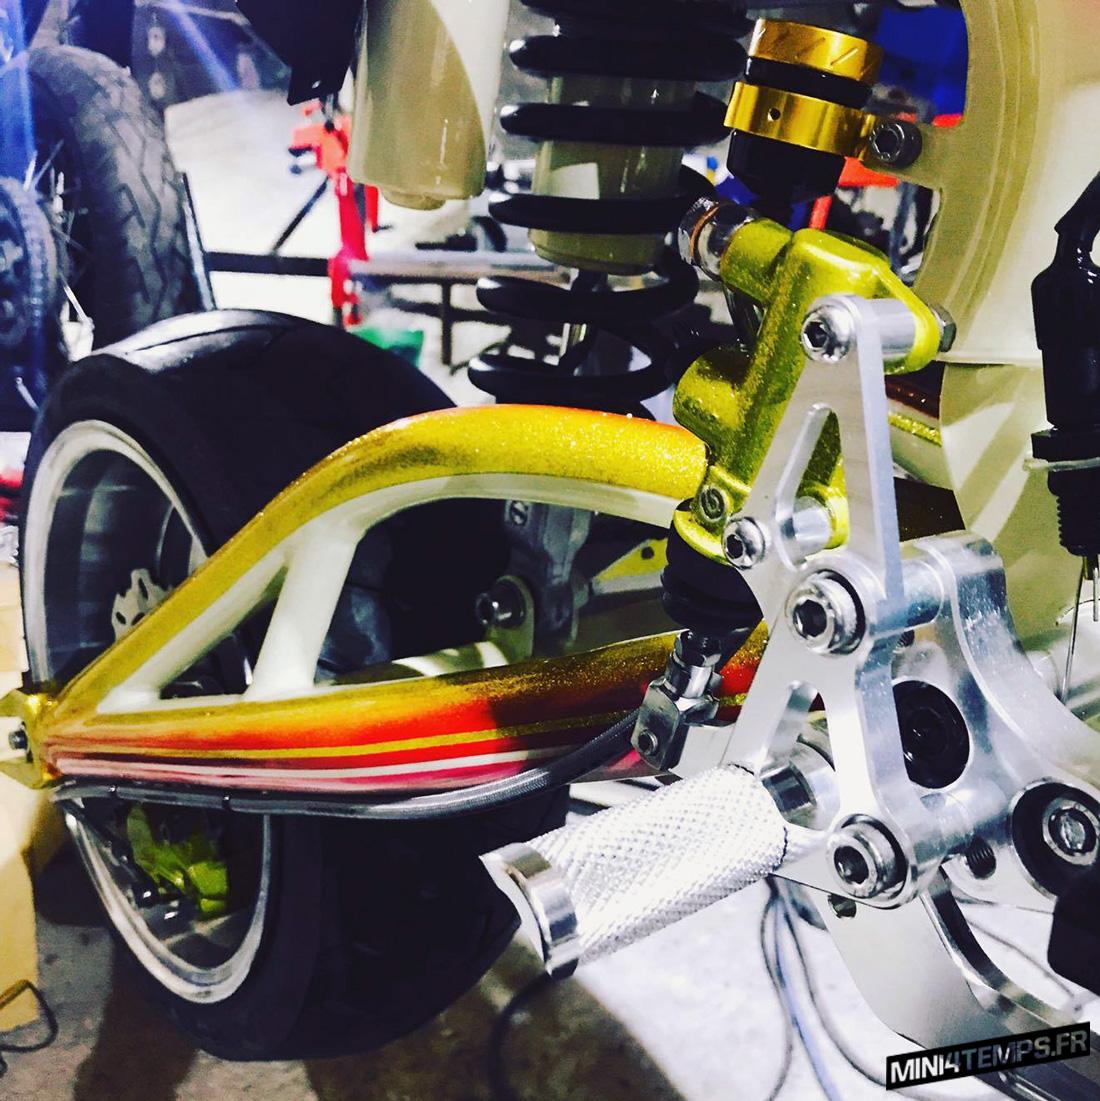 Le Dax 190cc de Duke Motorcycles - mini4temps.fr